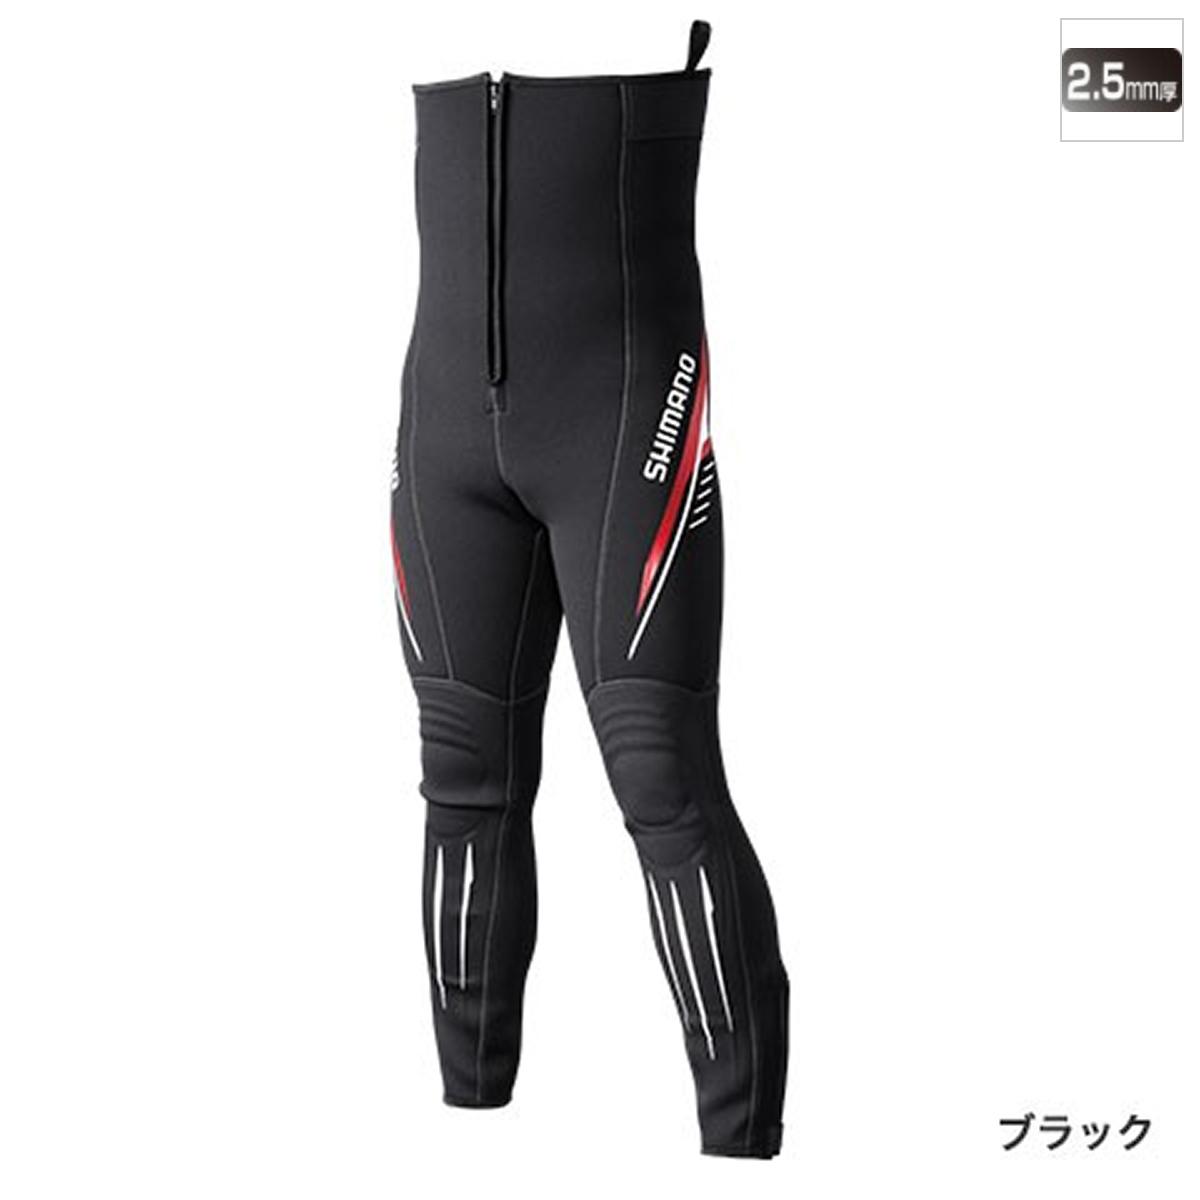 シマノ 鮎タイツT-2.5 TI-071Q MO ブラック